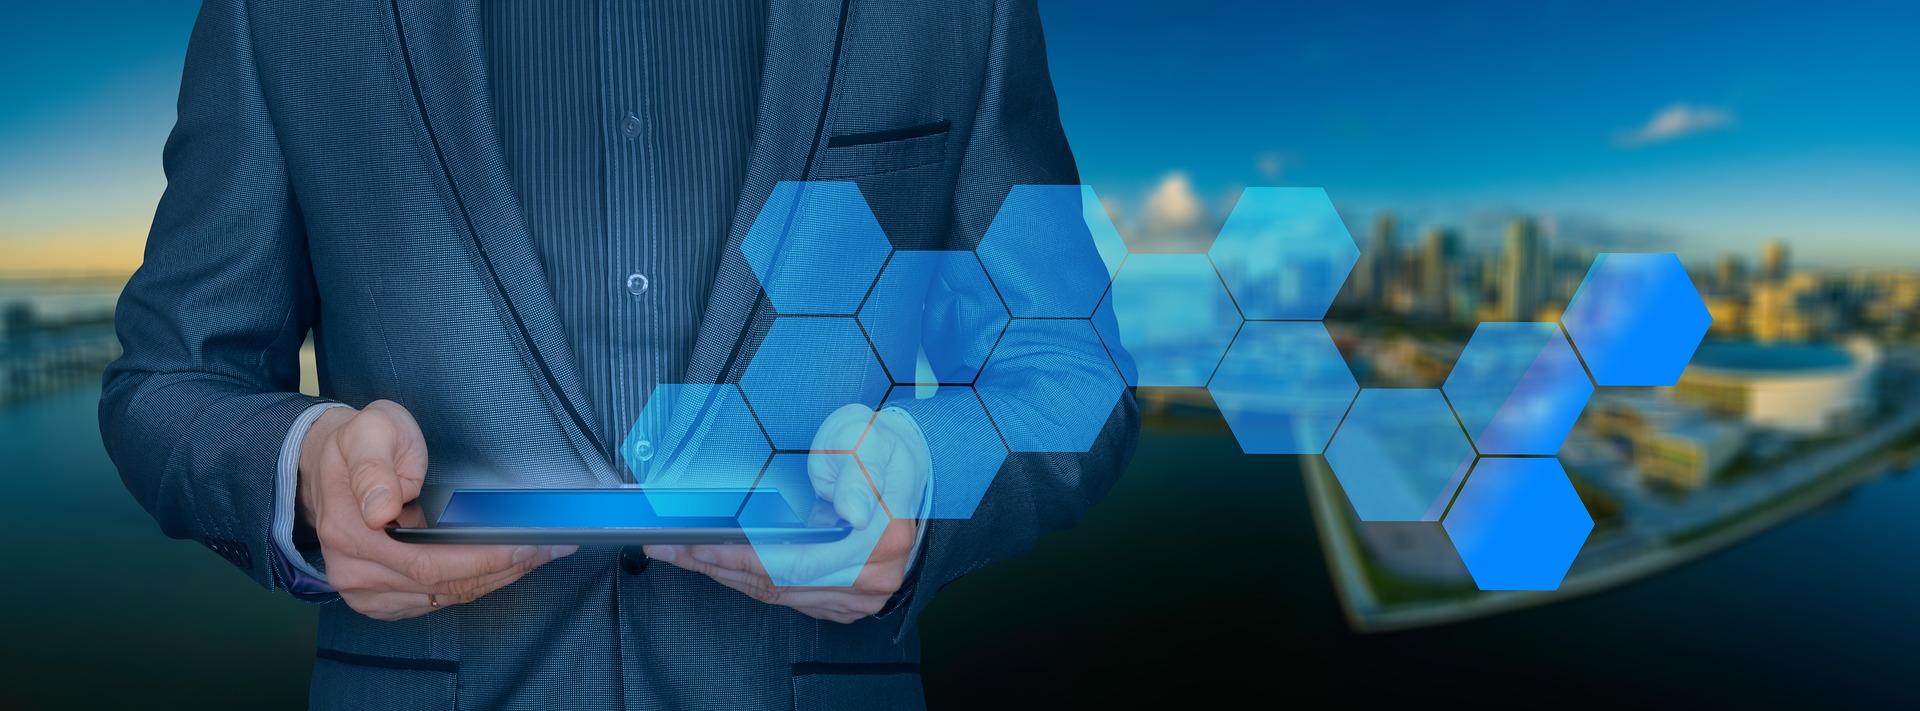 10 avances de hardware que podrían revolucionar la estrategia de TI